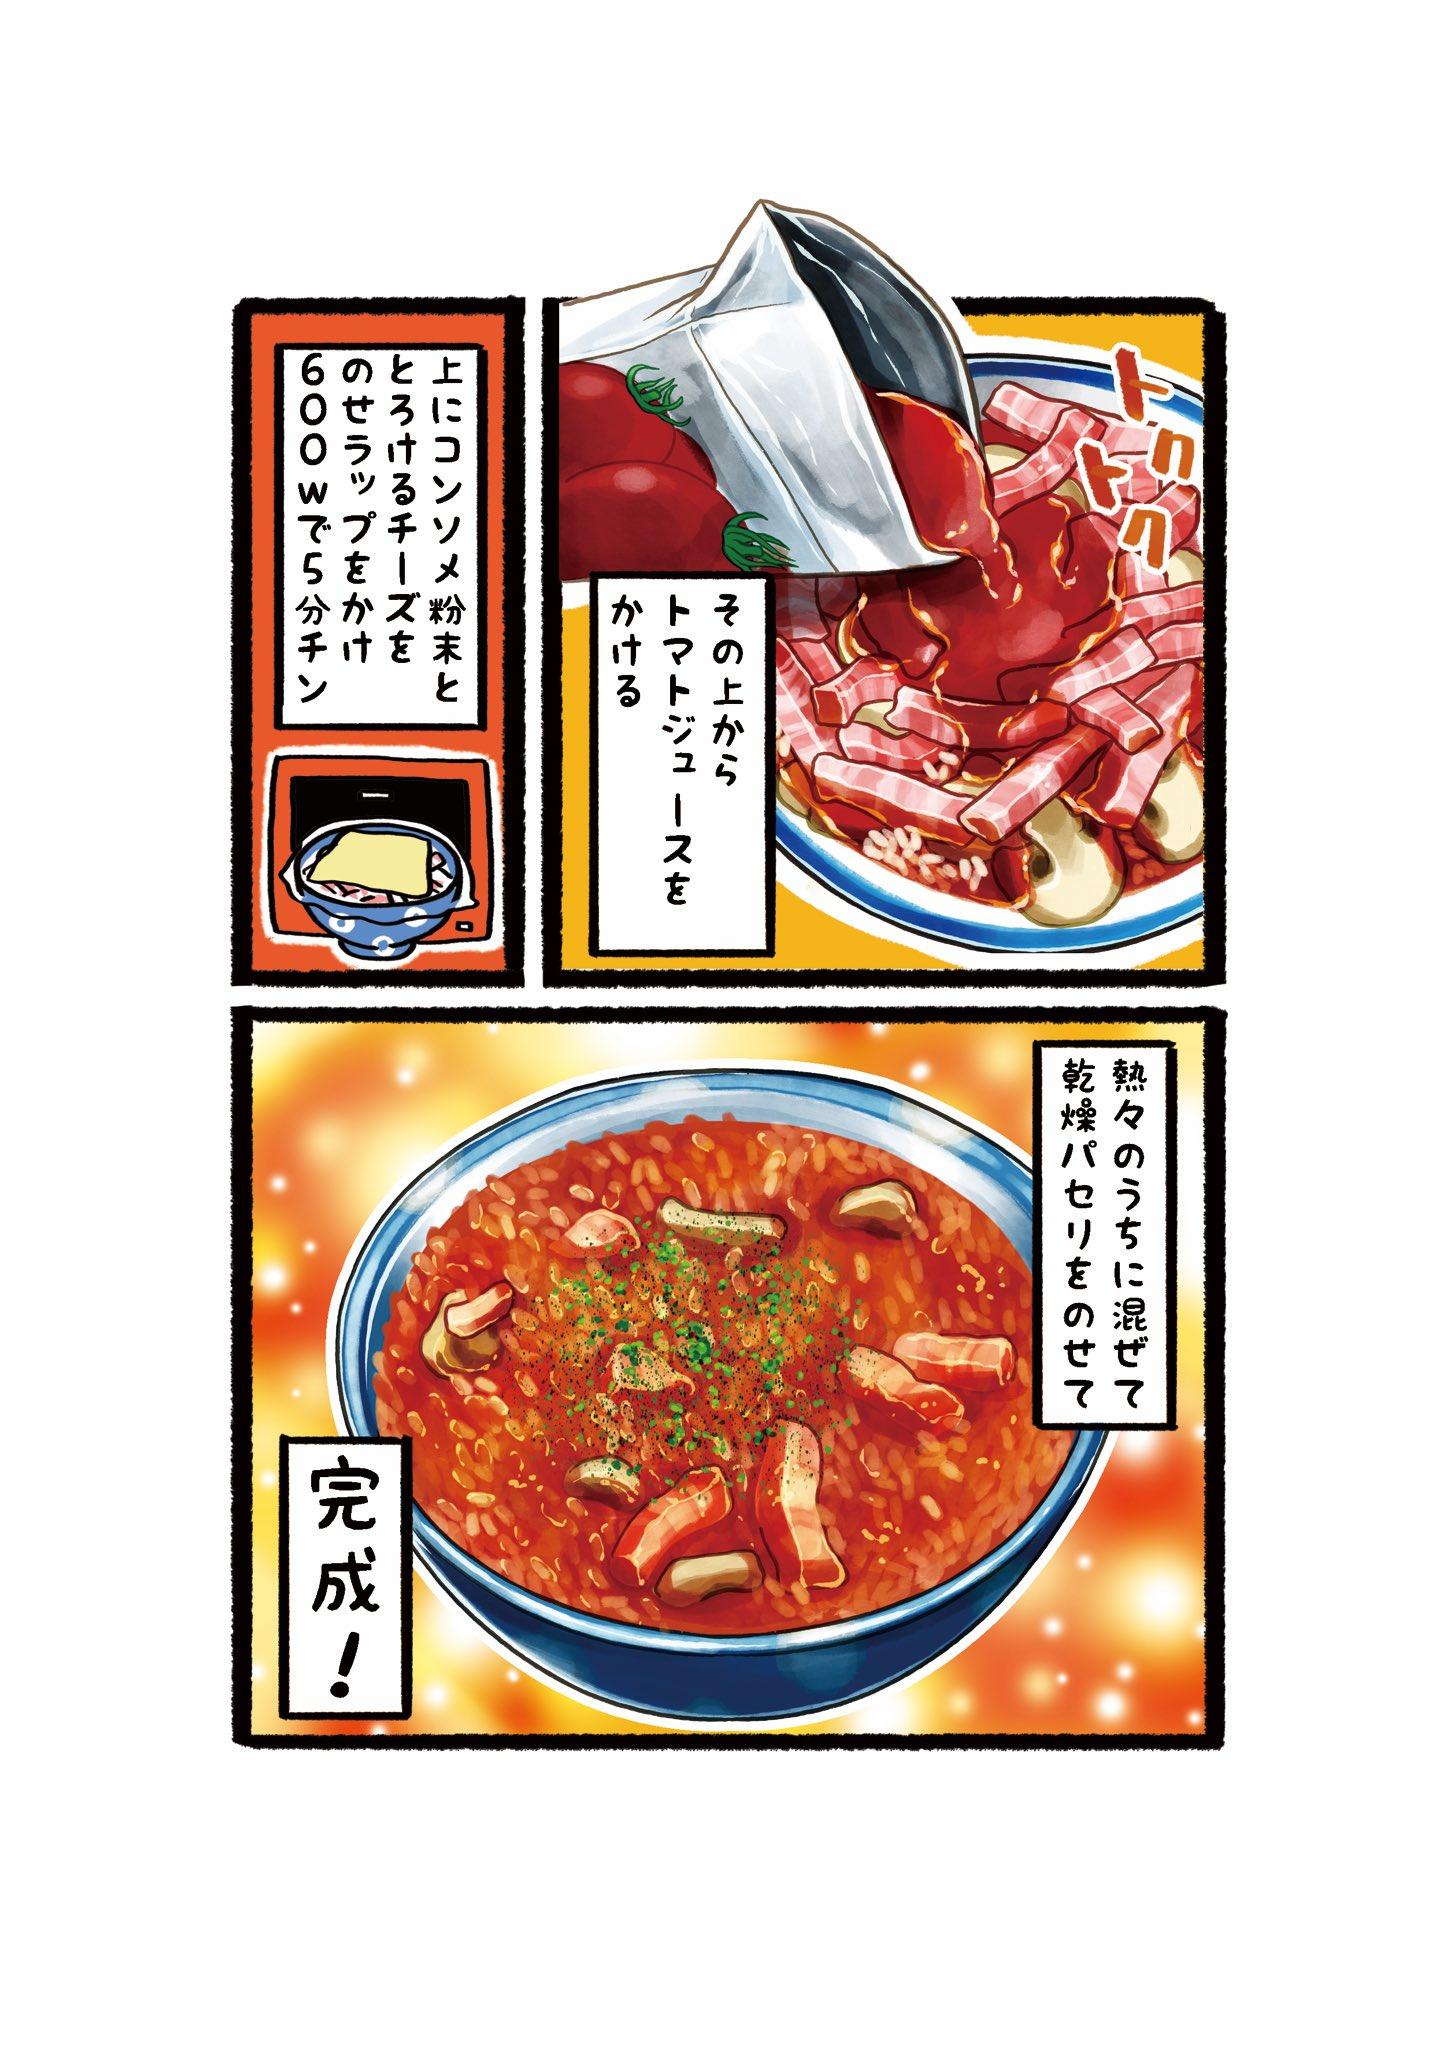 これは作ってみたい!簡単「トマトリゾッ丼」!!